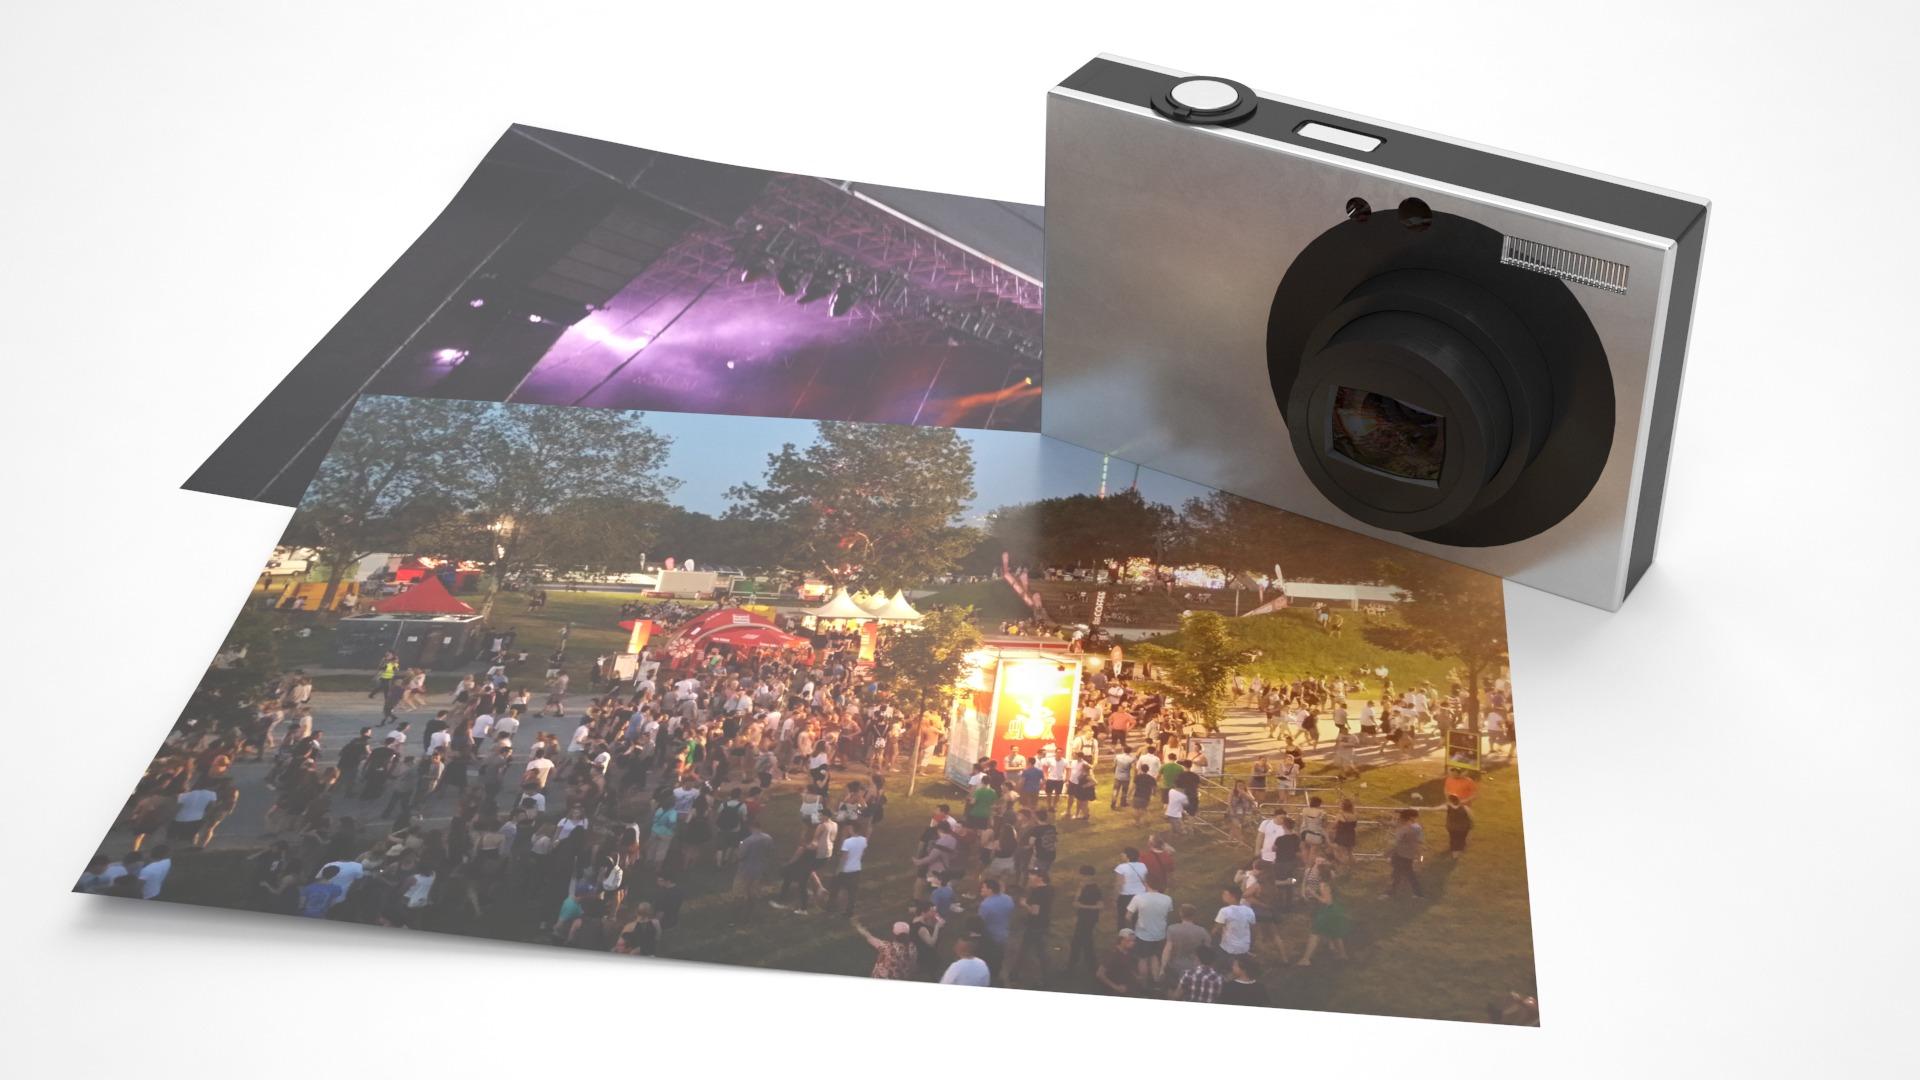 Fotoaunahmen auf Veranstaltungen